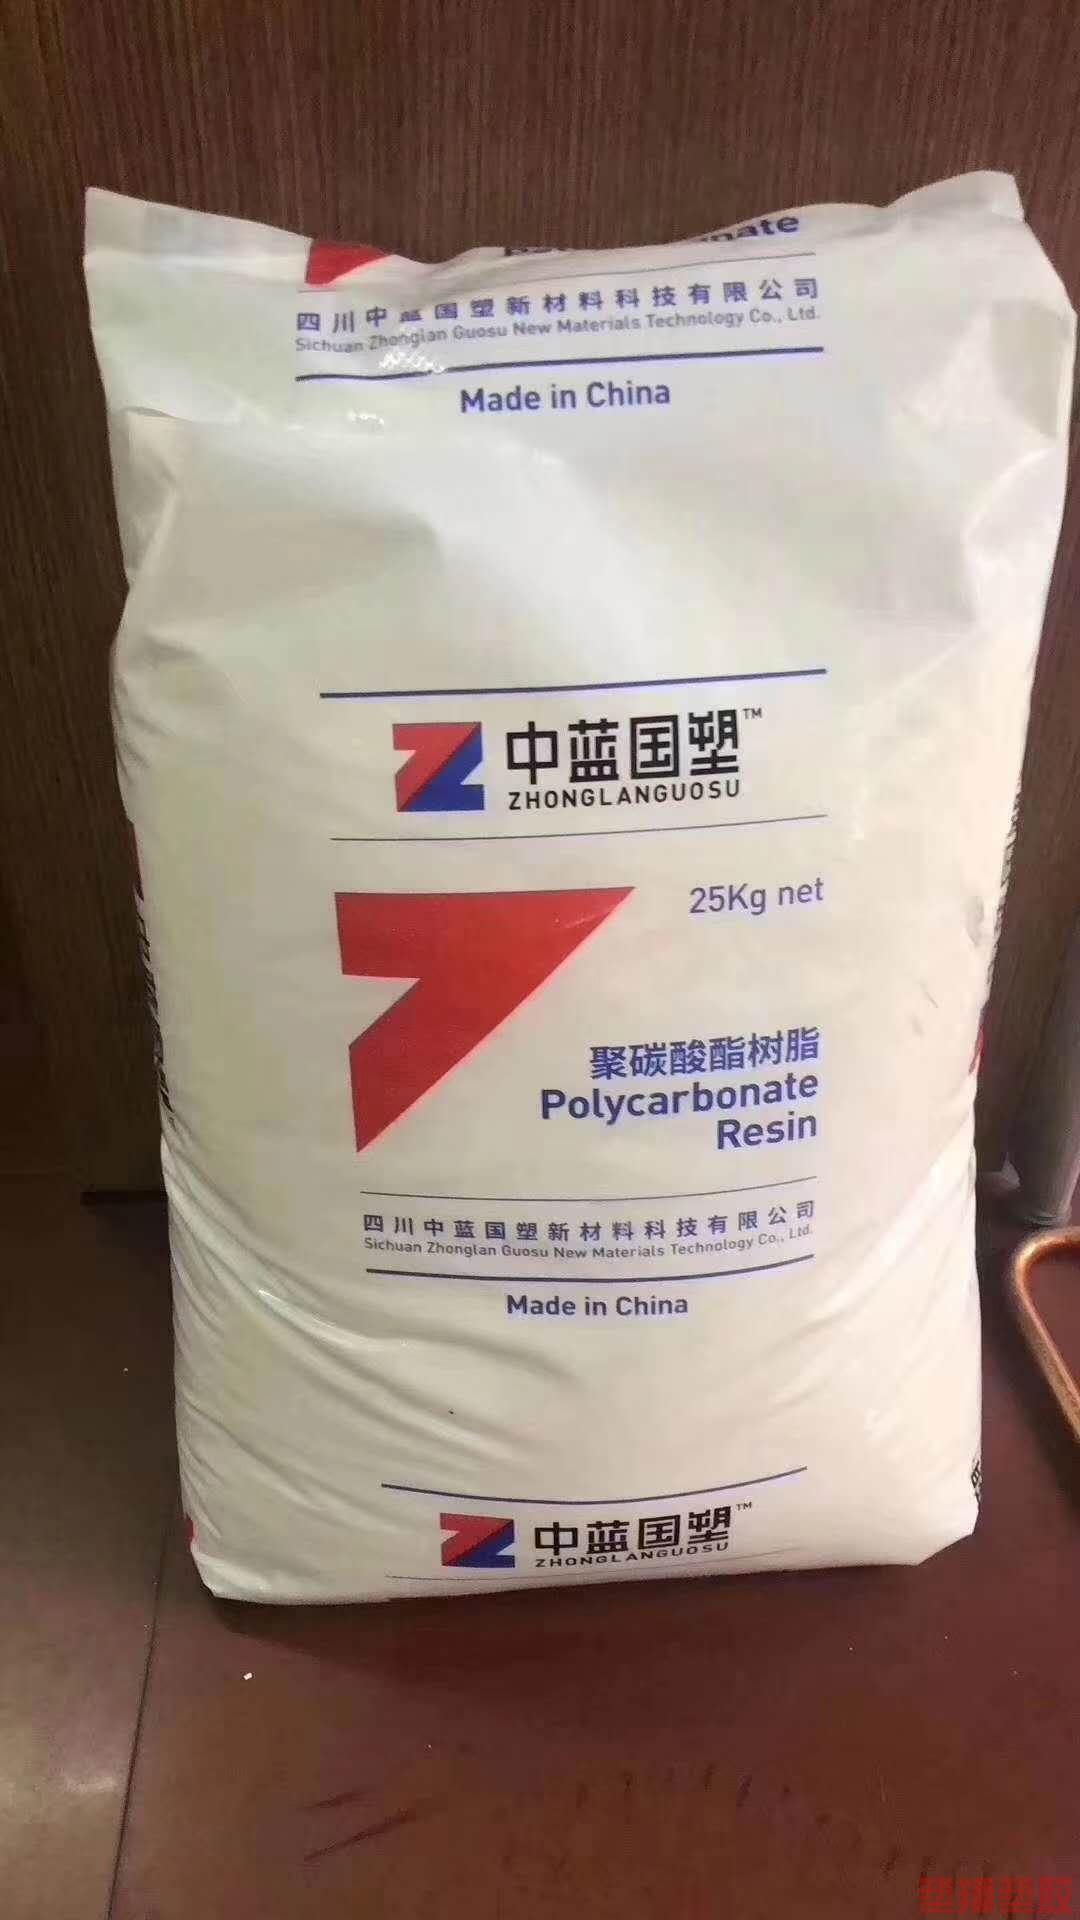 PC(聚碳酸酯)Z1-151R中南国塑